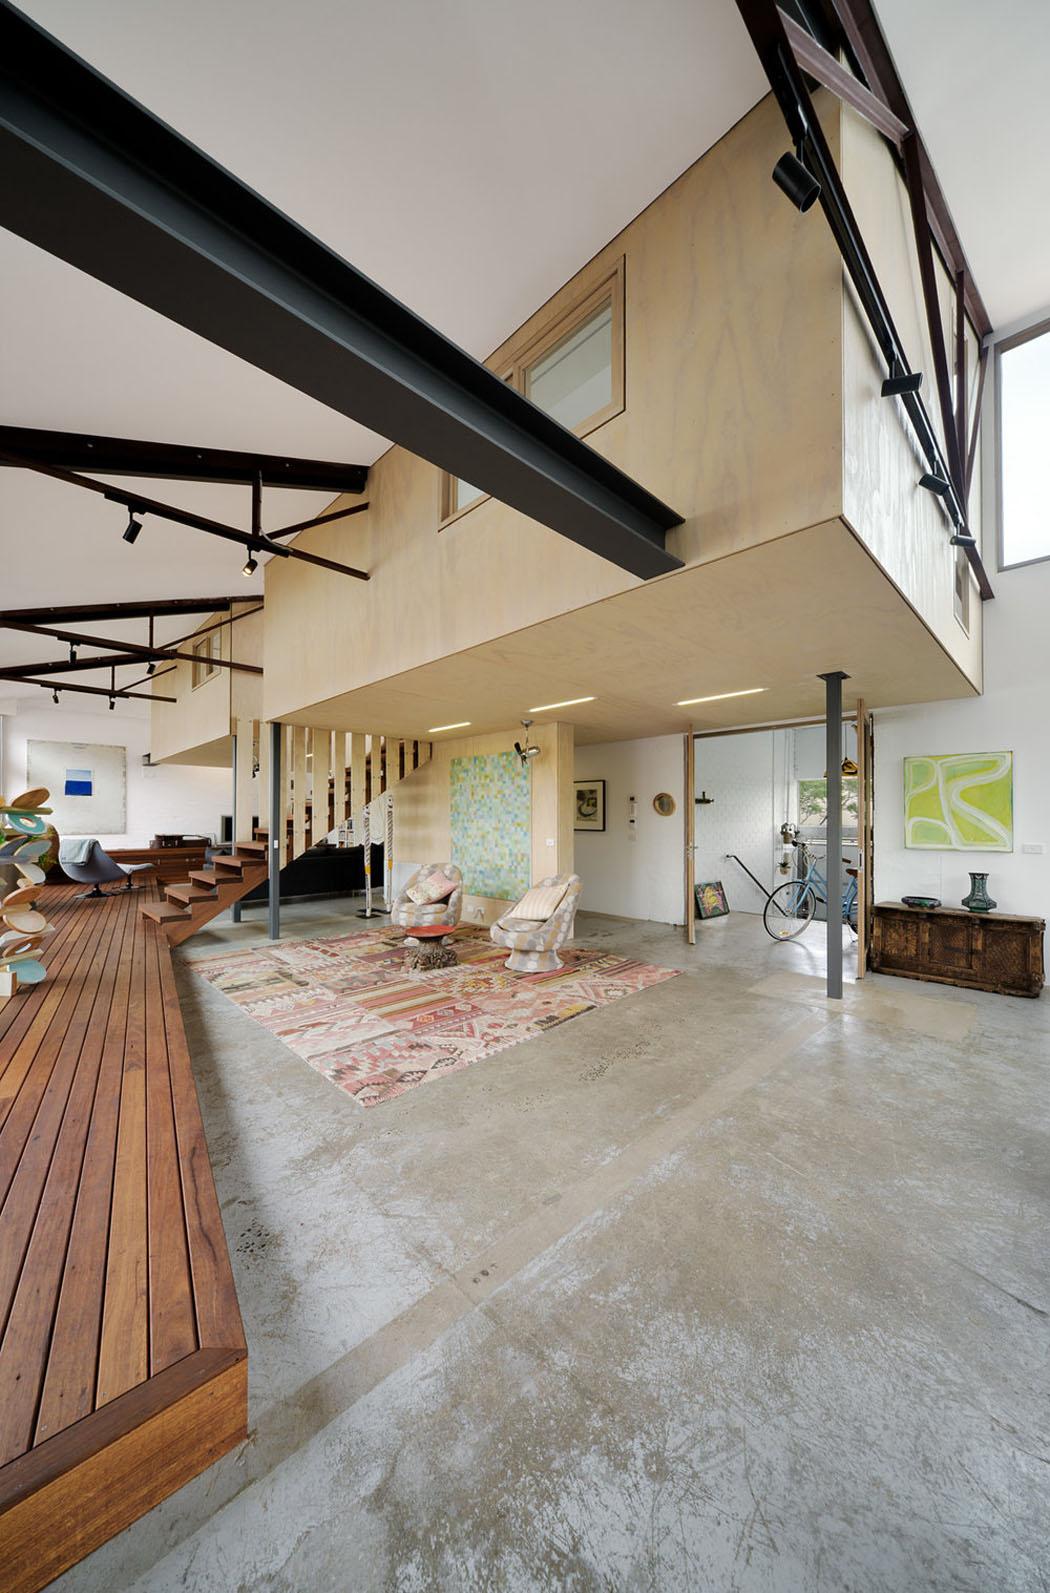 Sol En Beton Interieur rénovation loft – projet créatif et original au centre de